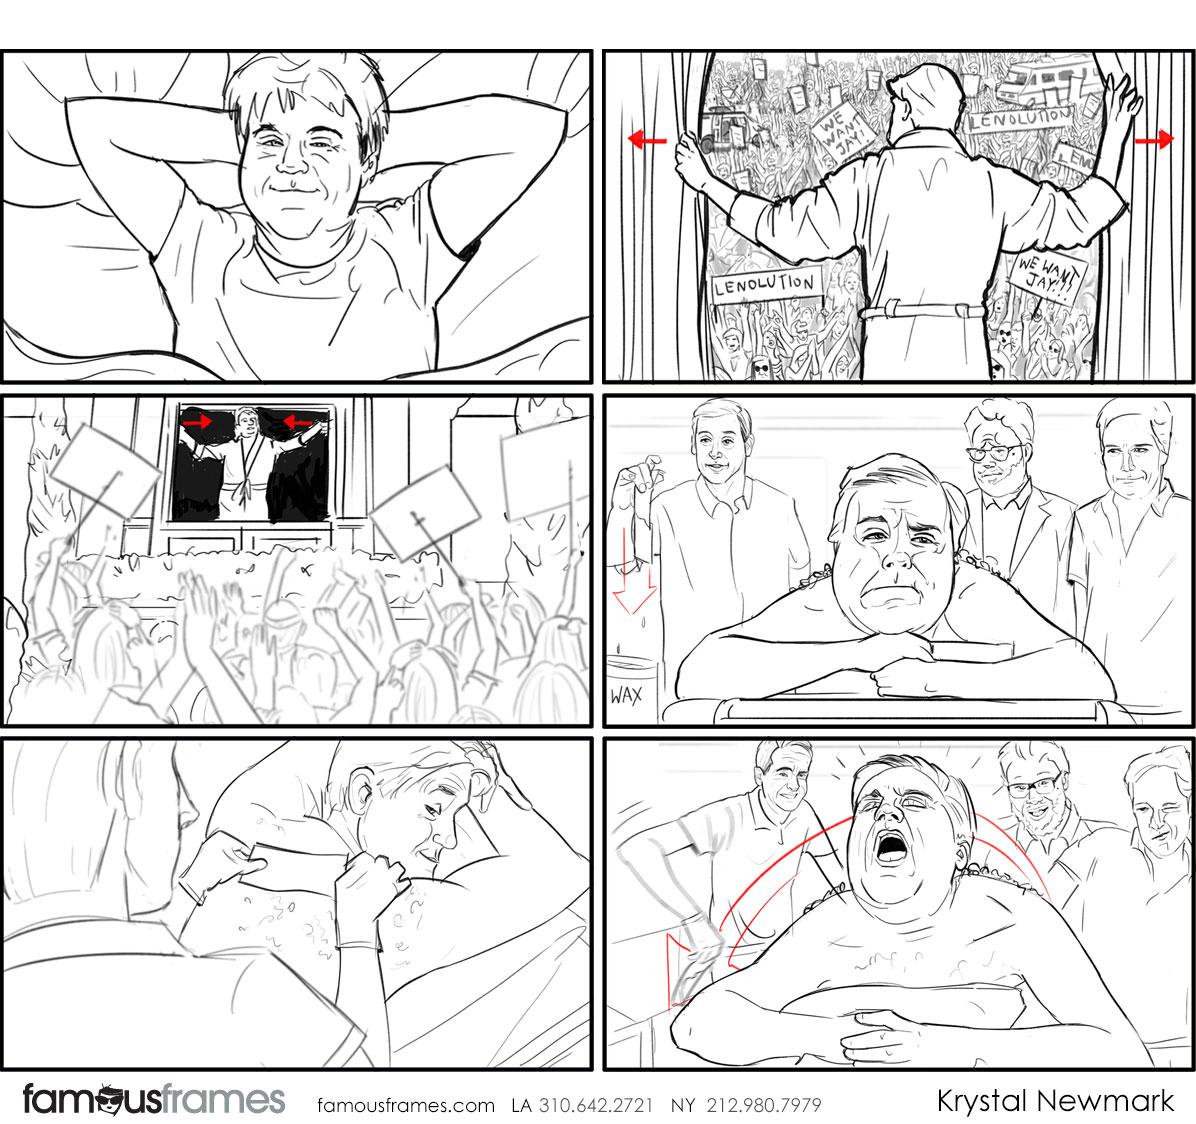 Krystal Newmark's People - B&W Line storyboard art (Image #5666_114_1507847196)